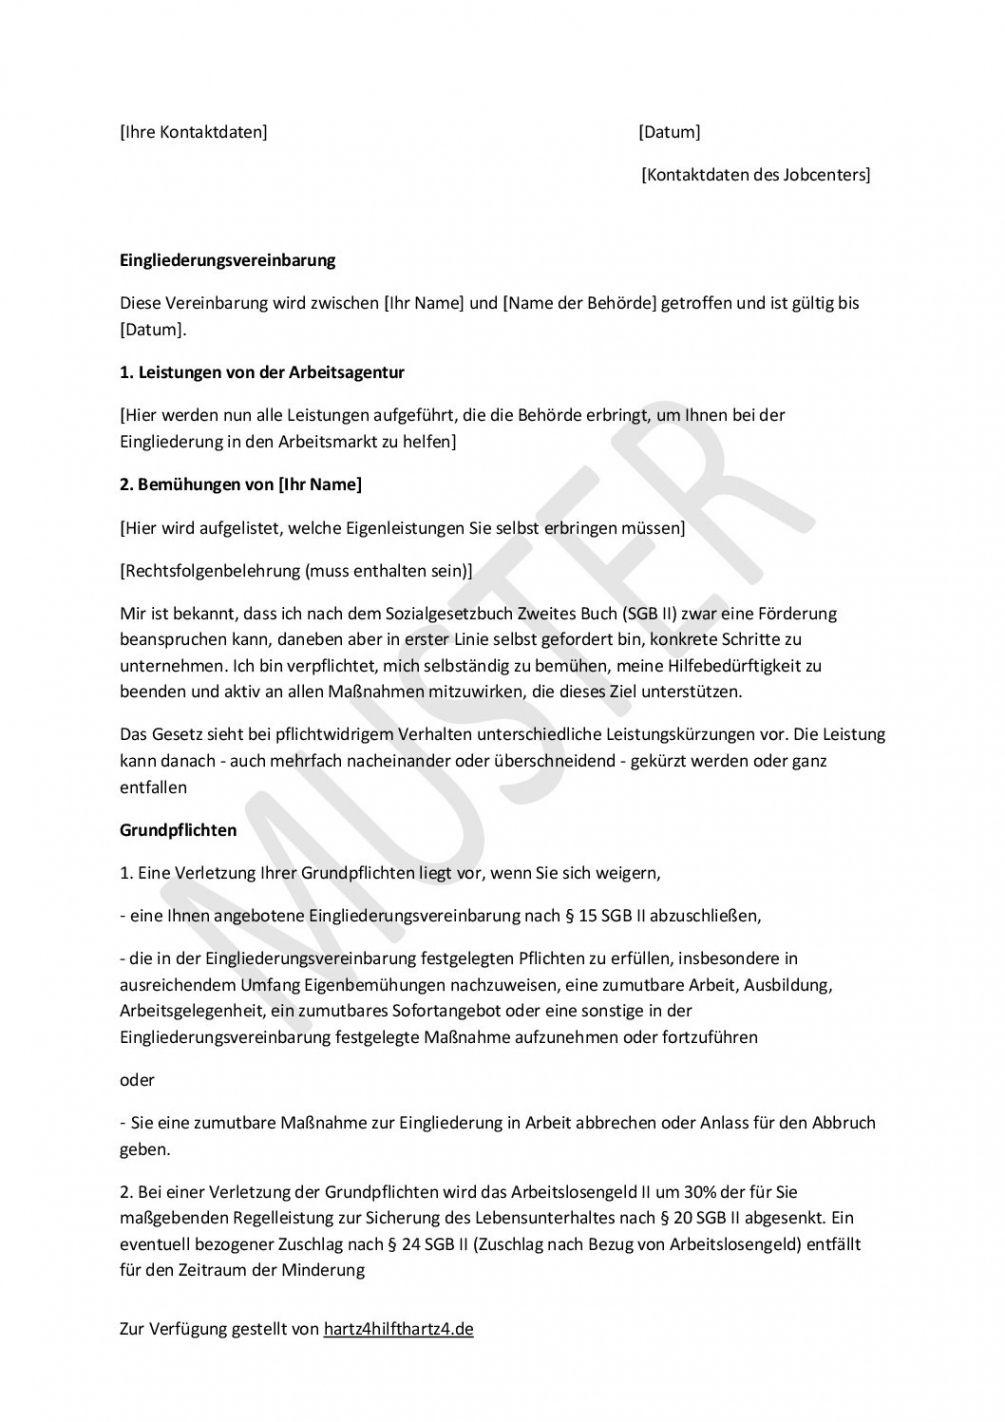 Blattern Unsere Das Image Von Vereinbarung Kostenubernahme Fuhrerschein Vorlage In 2020 Vorlagen Vereinbarung Arbeitsagentur